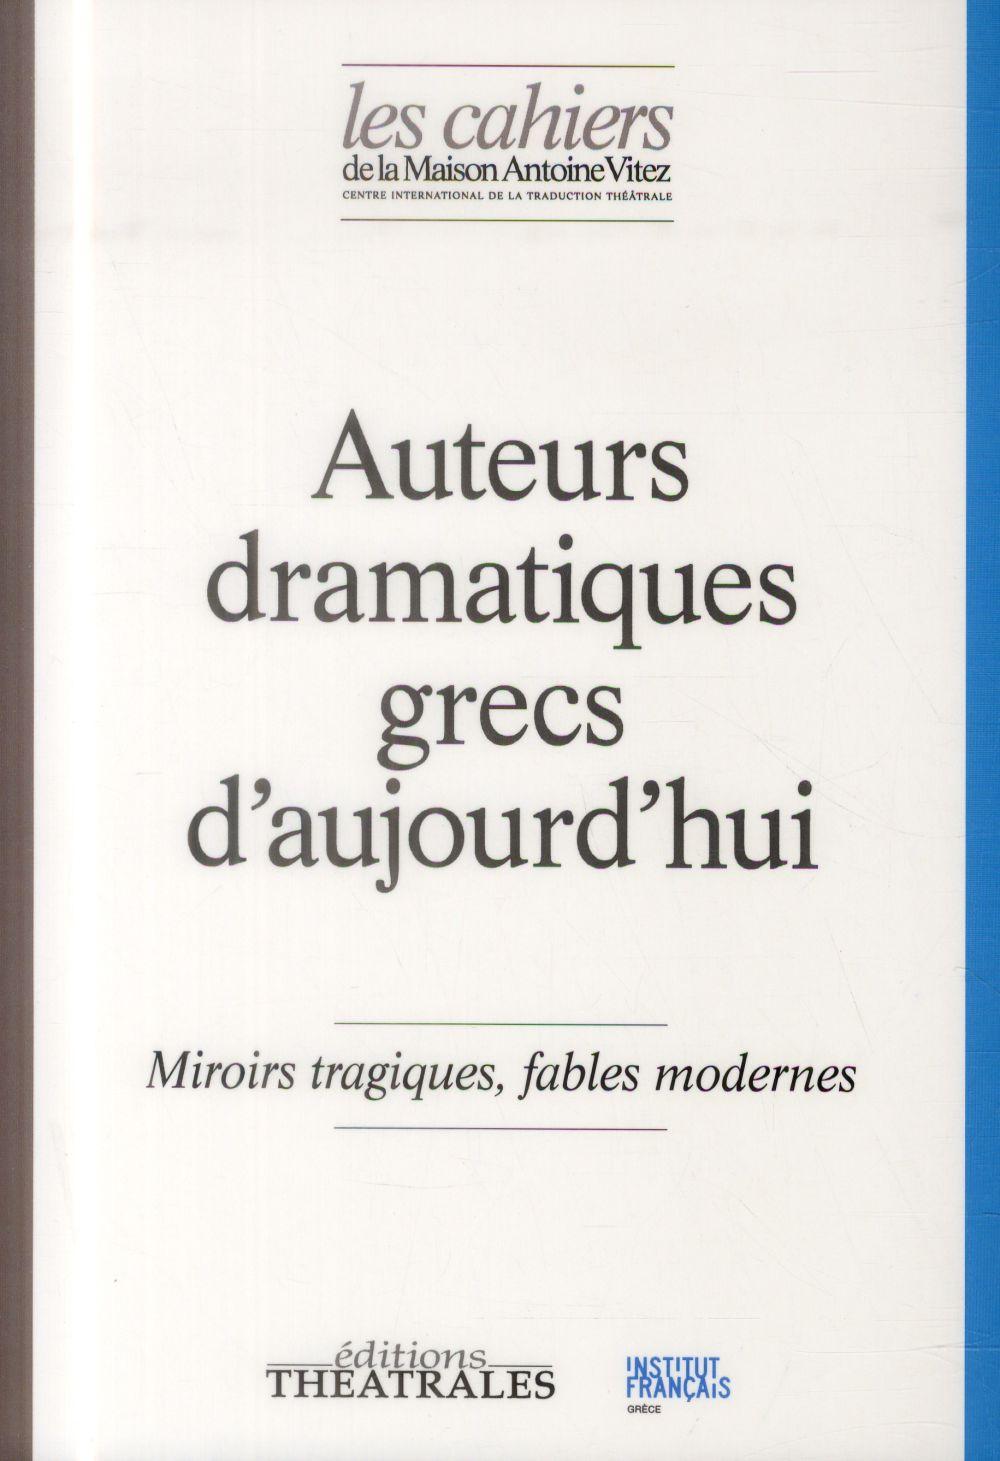 Auteurs dramatiques grecs d'aujourd'hui ; miroirs tragiques, fables modernes